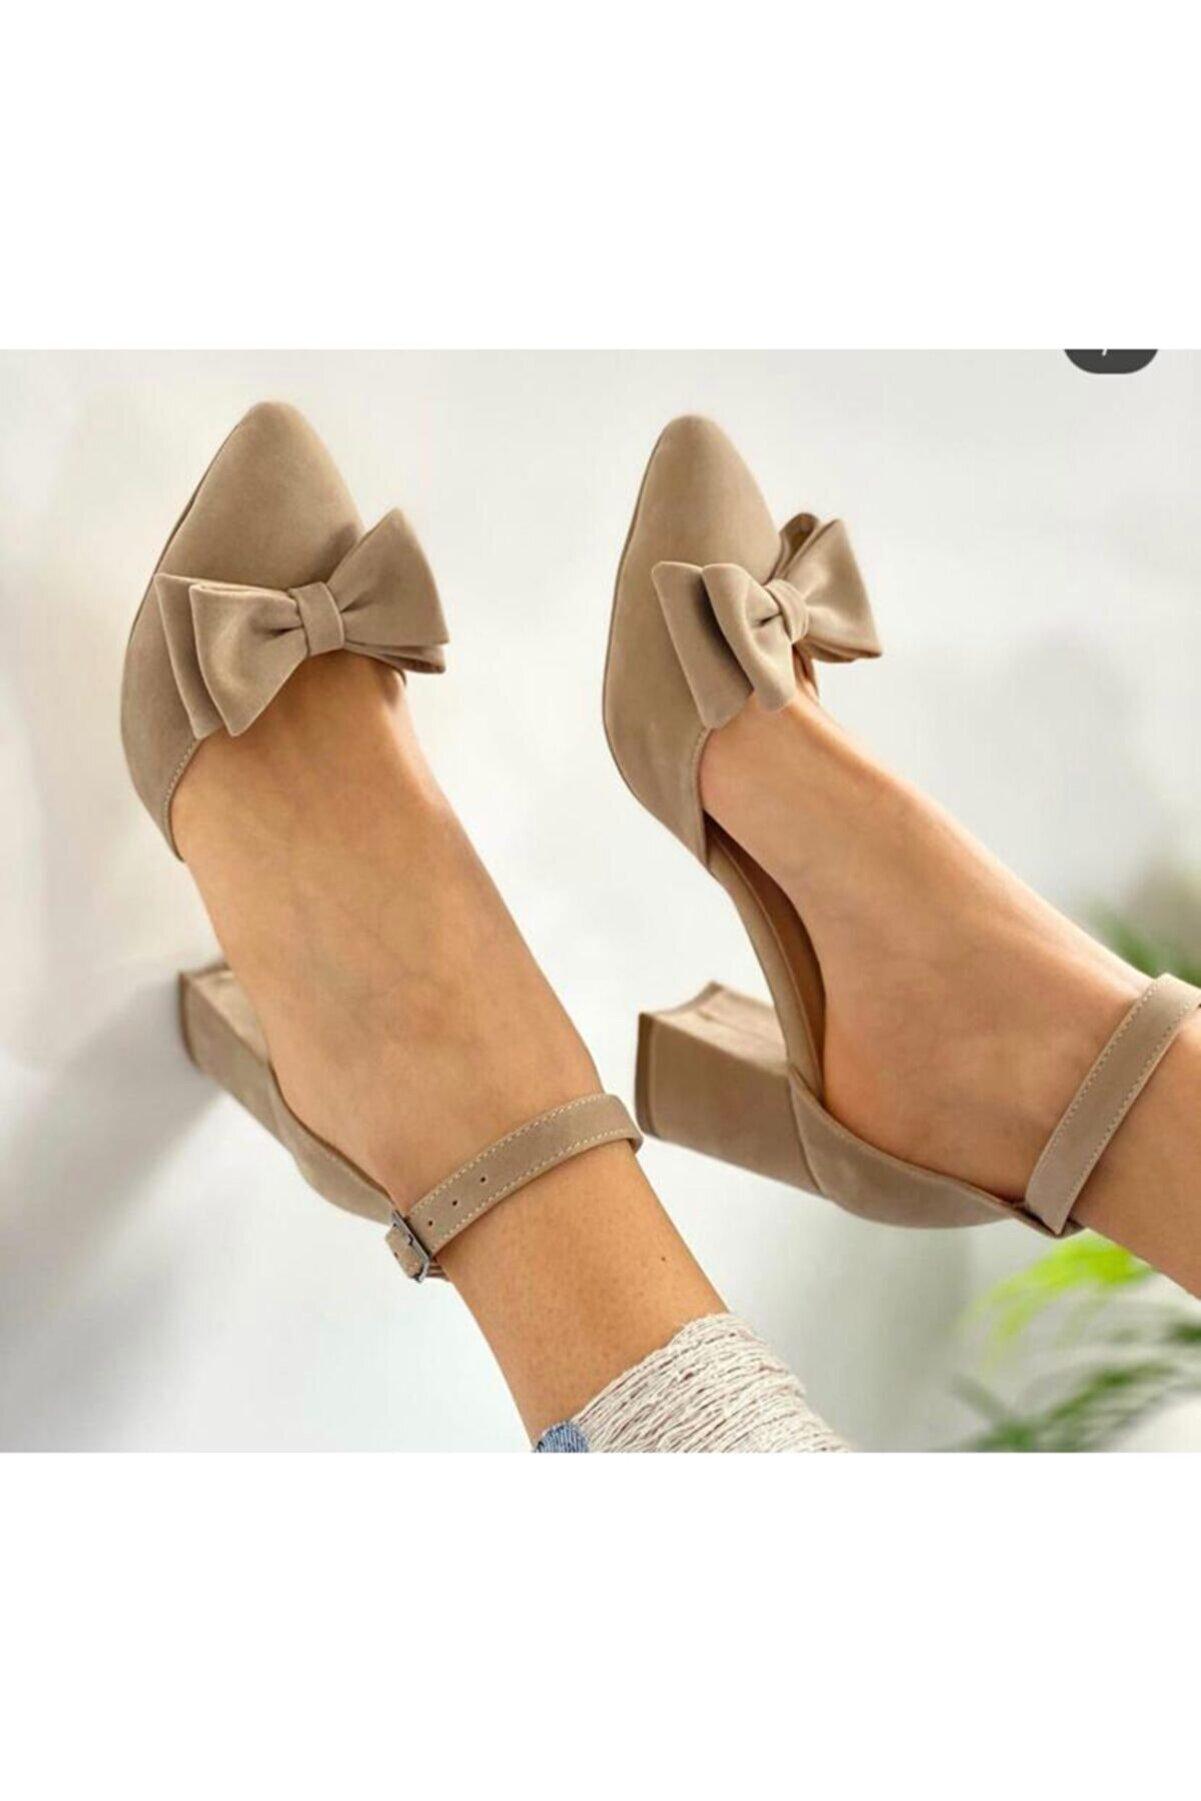 BY MAY SHOES Kadın Topuklu Fiyonk Modellı Ayakkabısı